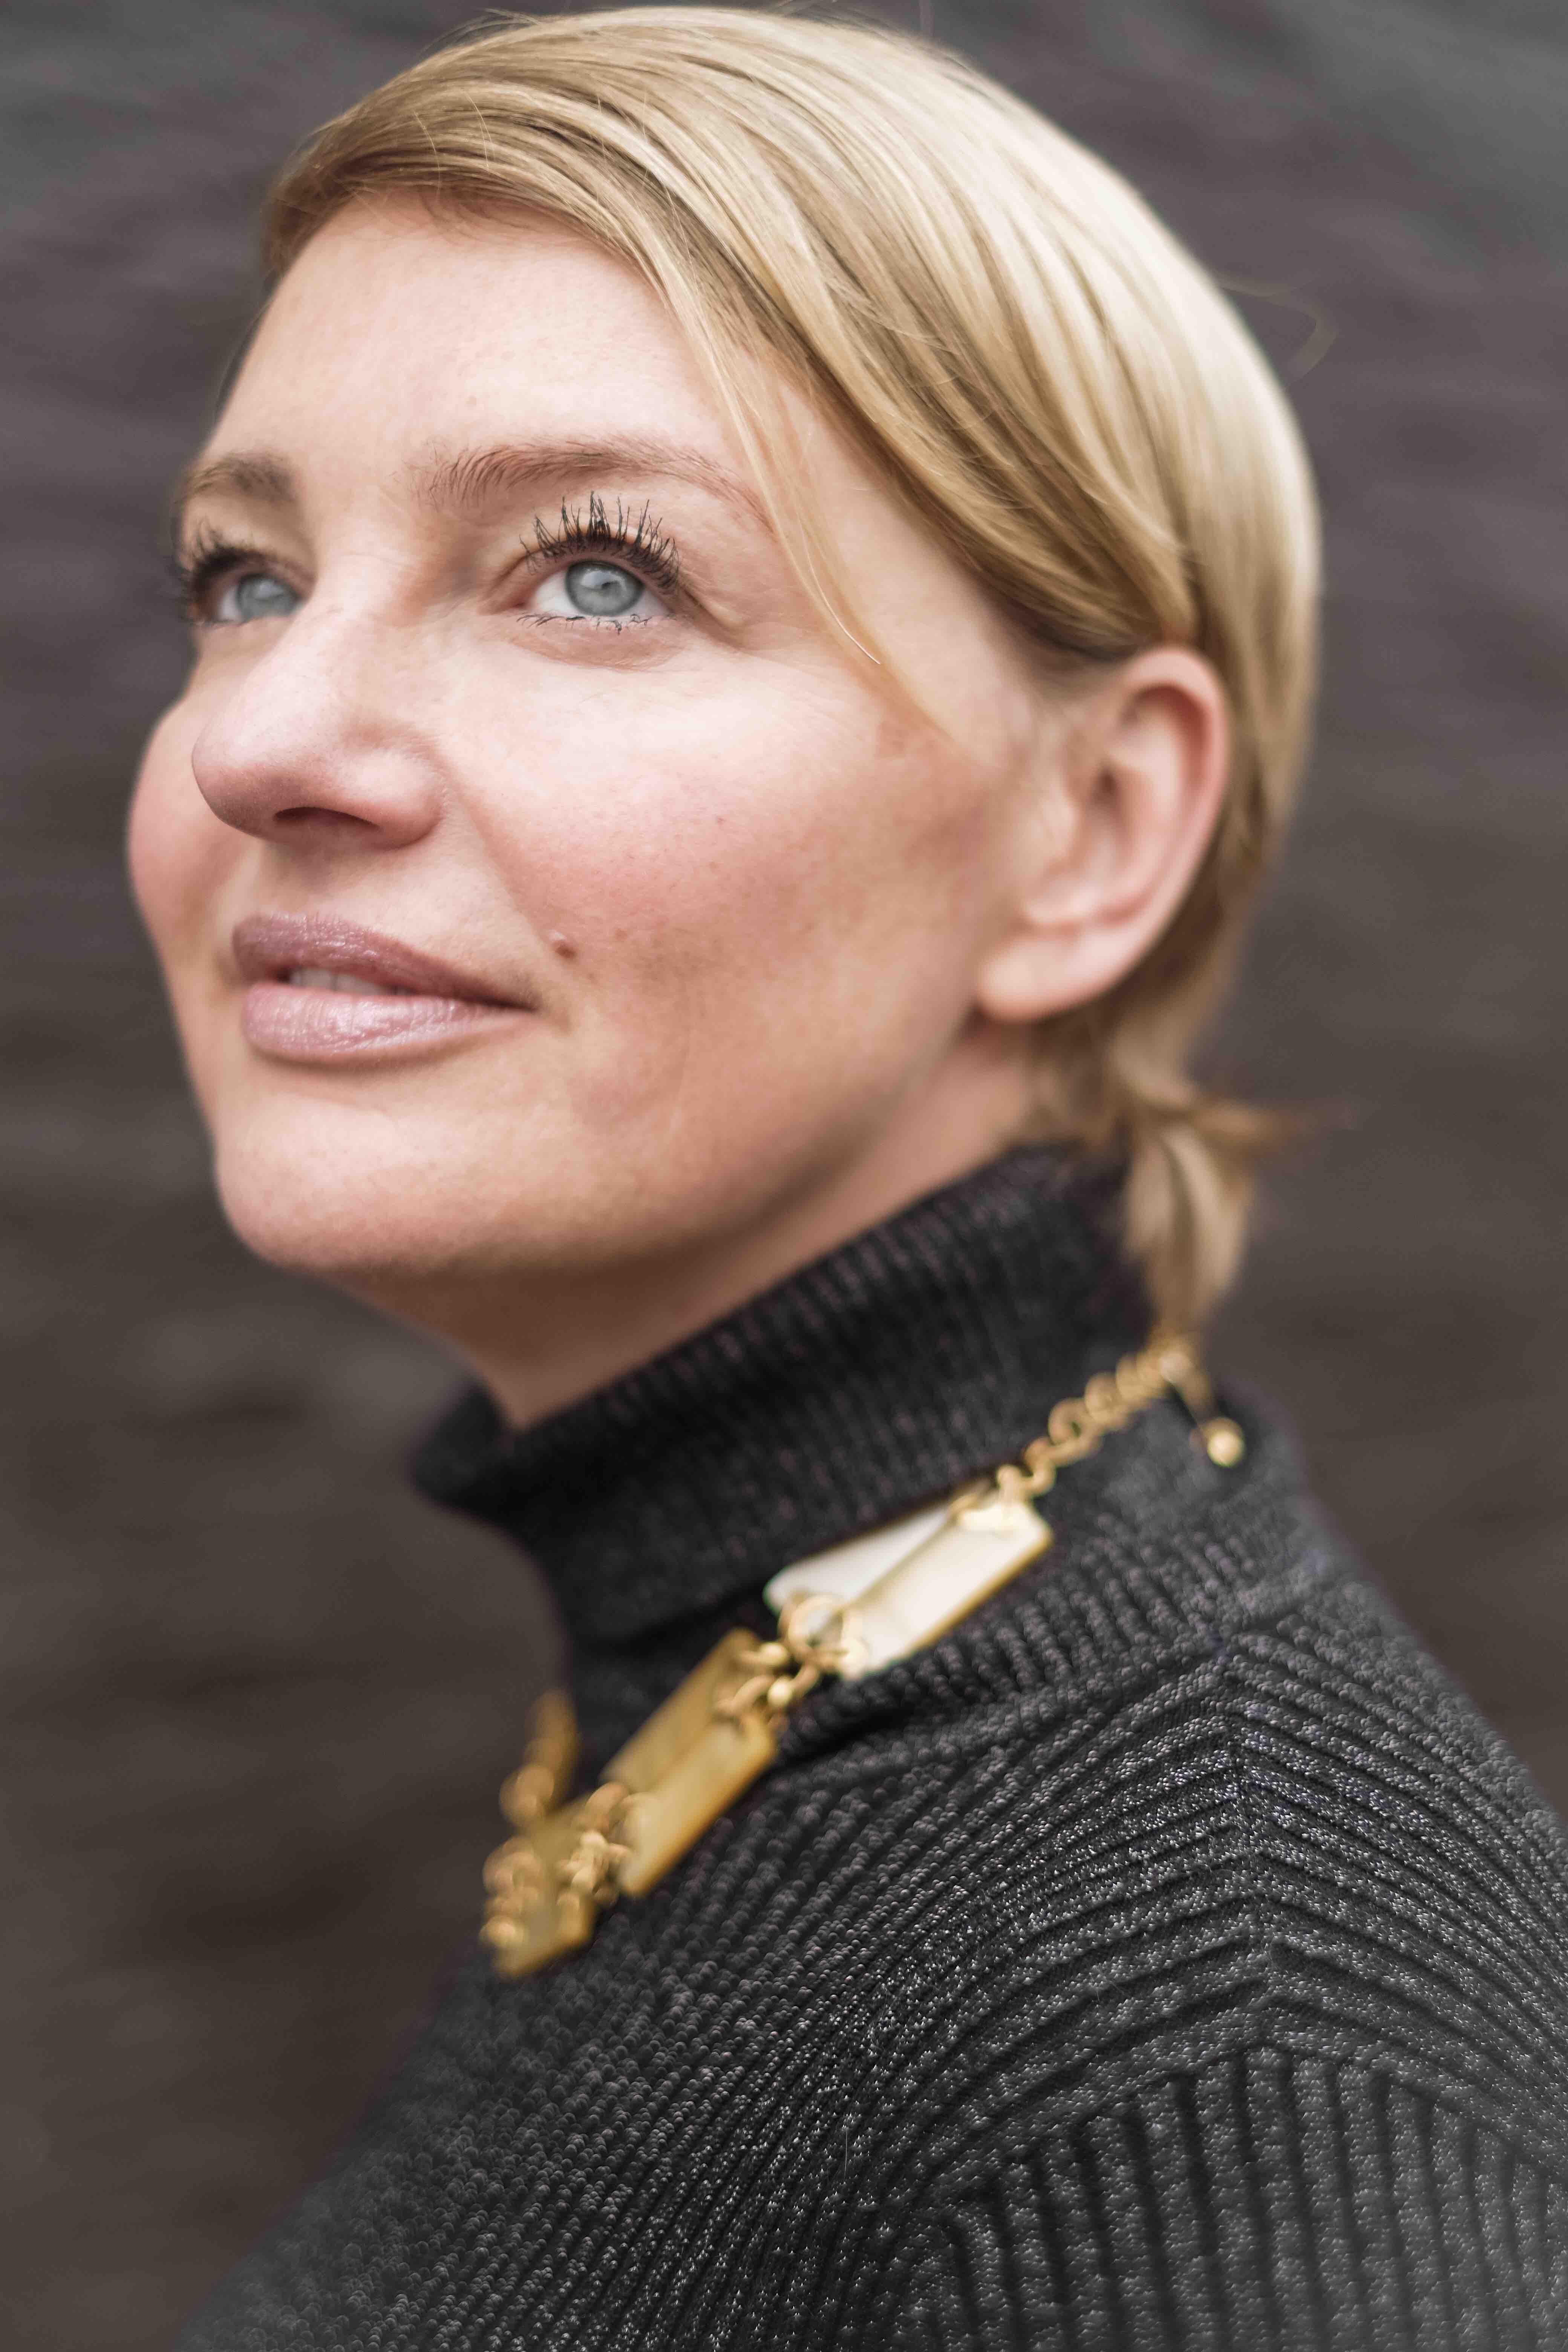 Fotografie: Nanda Hagenaars